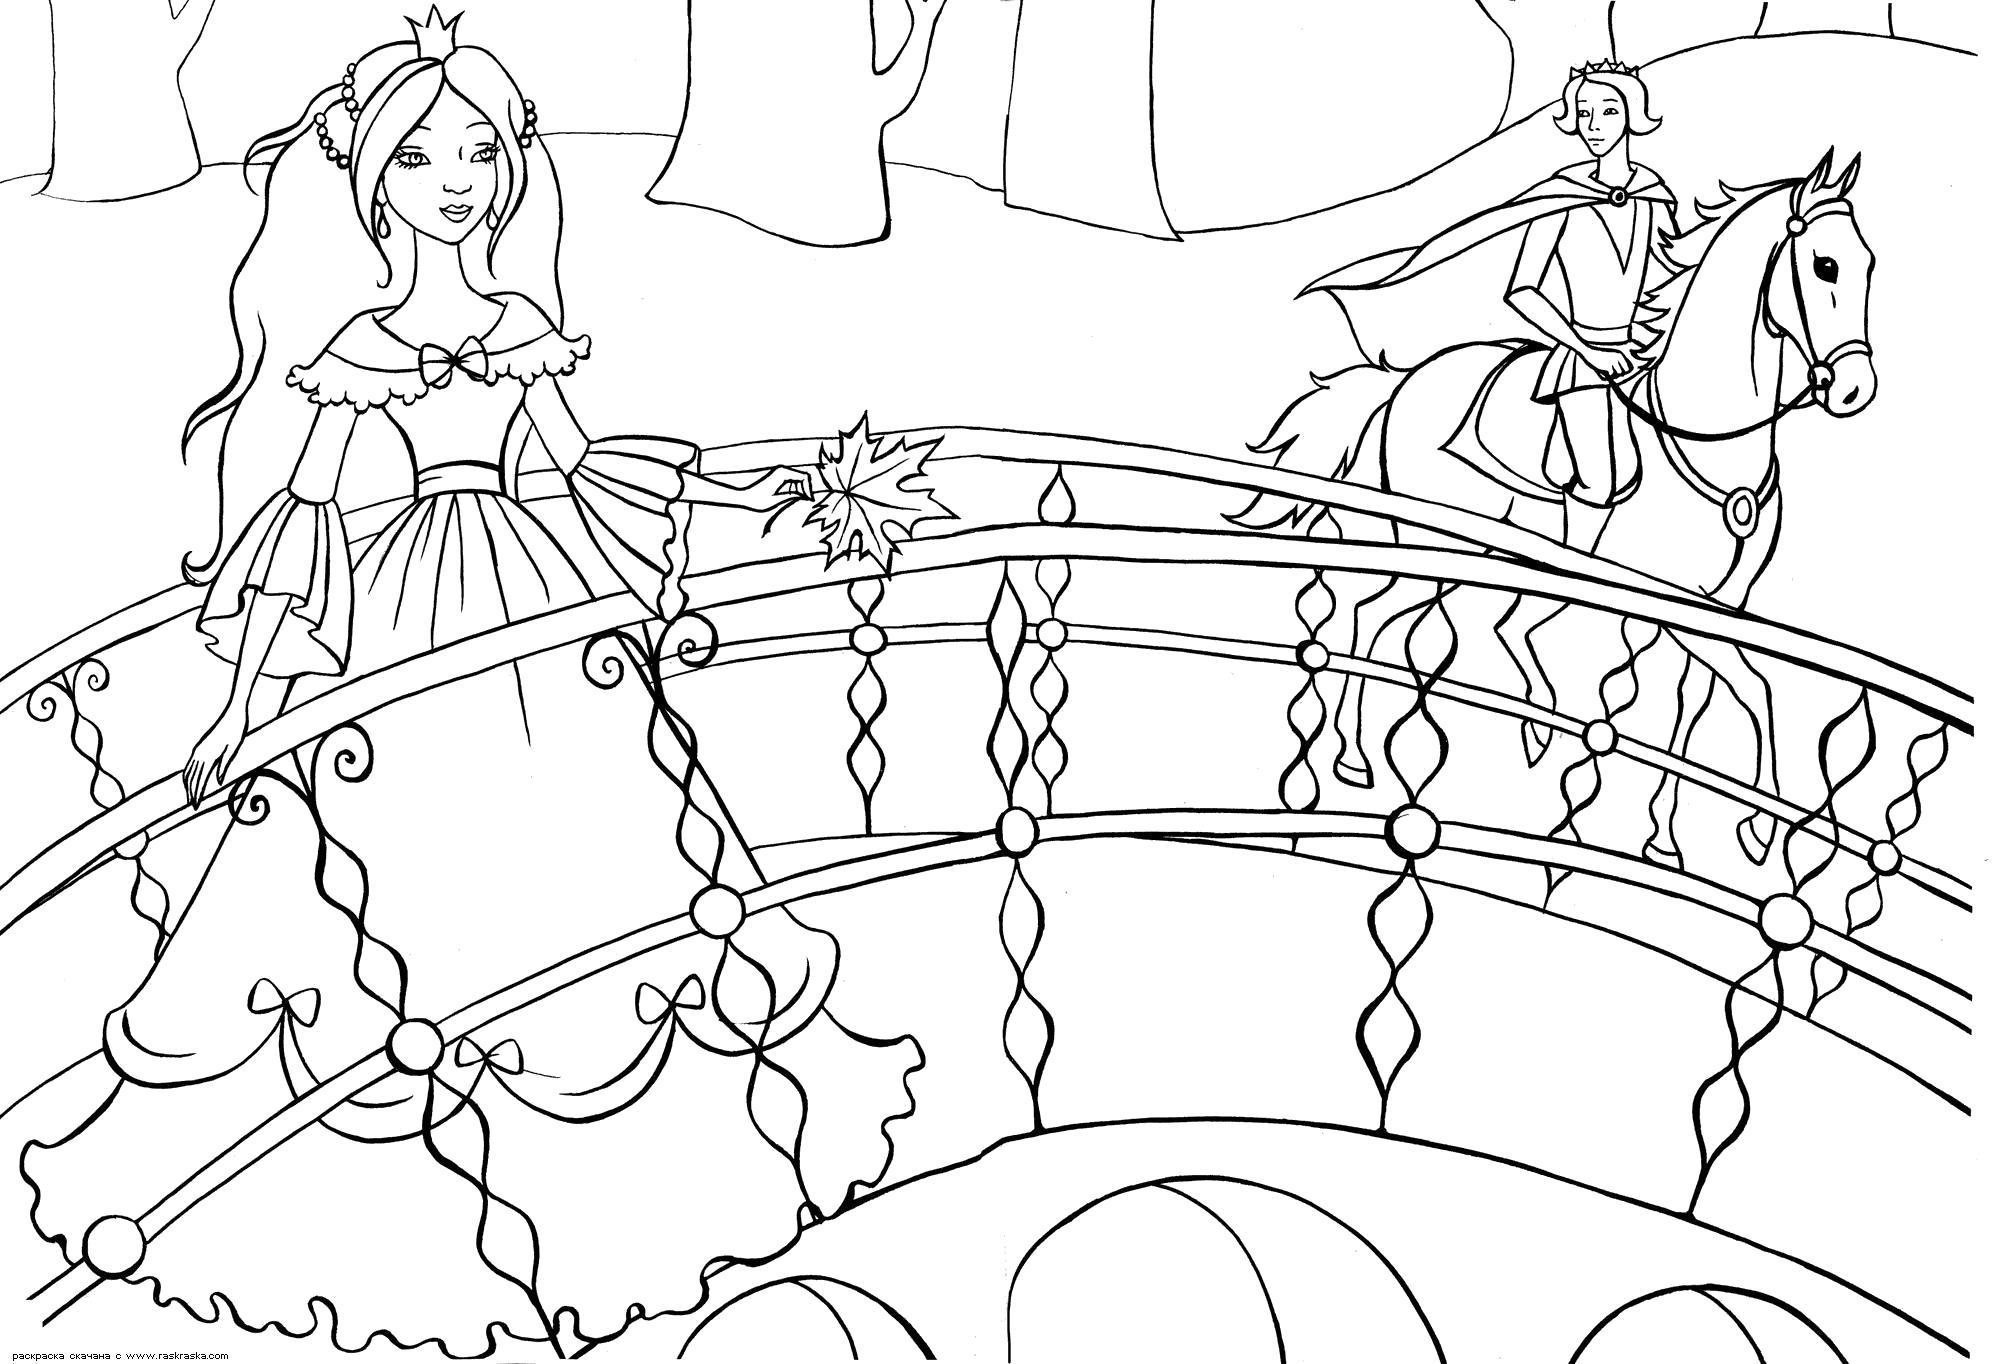 Раскраска  Принцесса на мосту.  Принц, принцесса, прогулка принцессы, принц встретил принцессу,  принца. Скачать принцесса.  Распечатать Для девочек